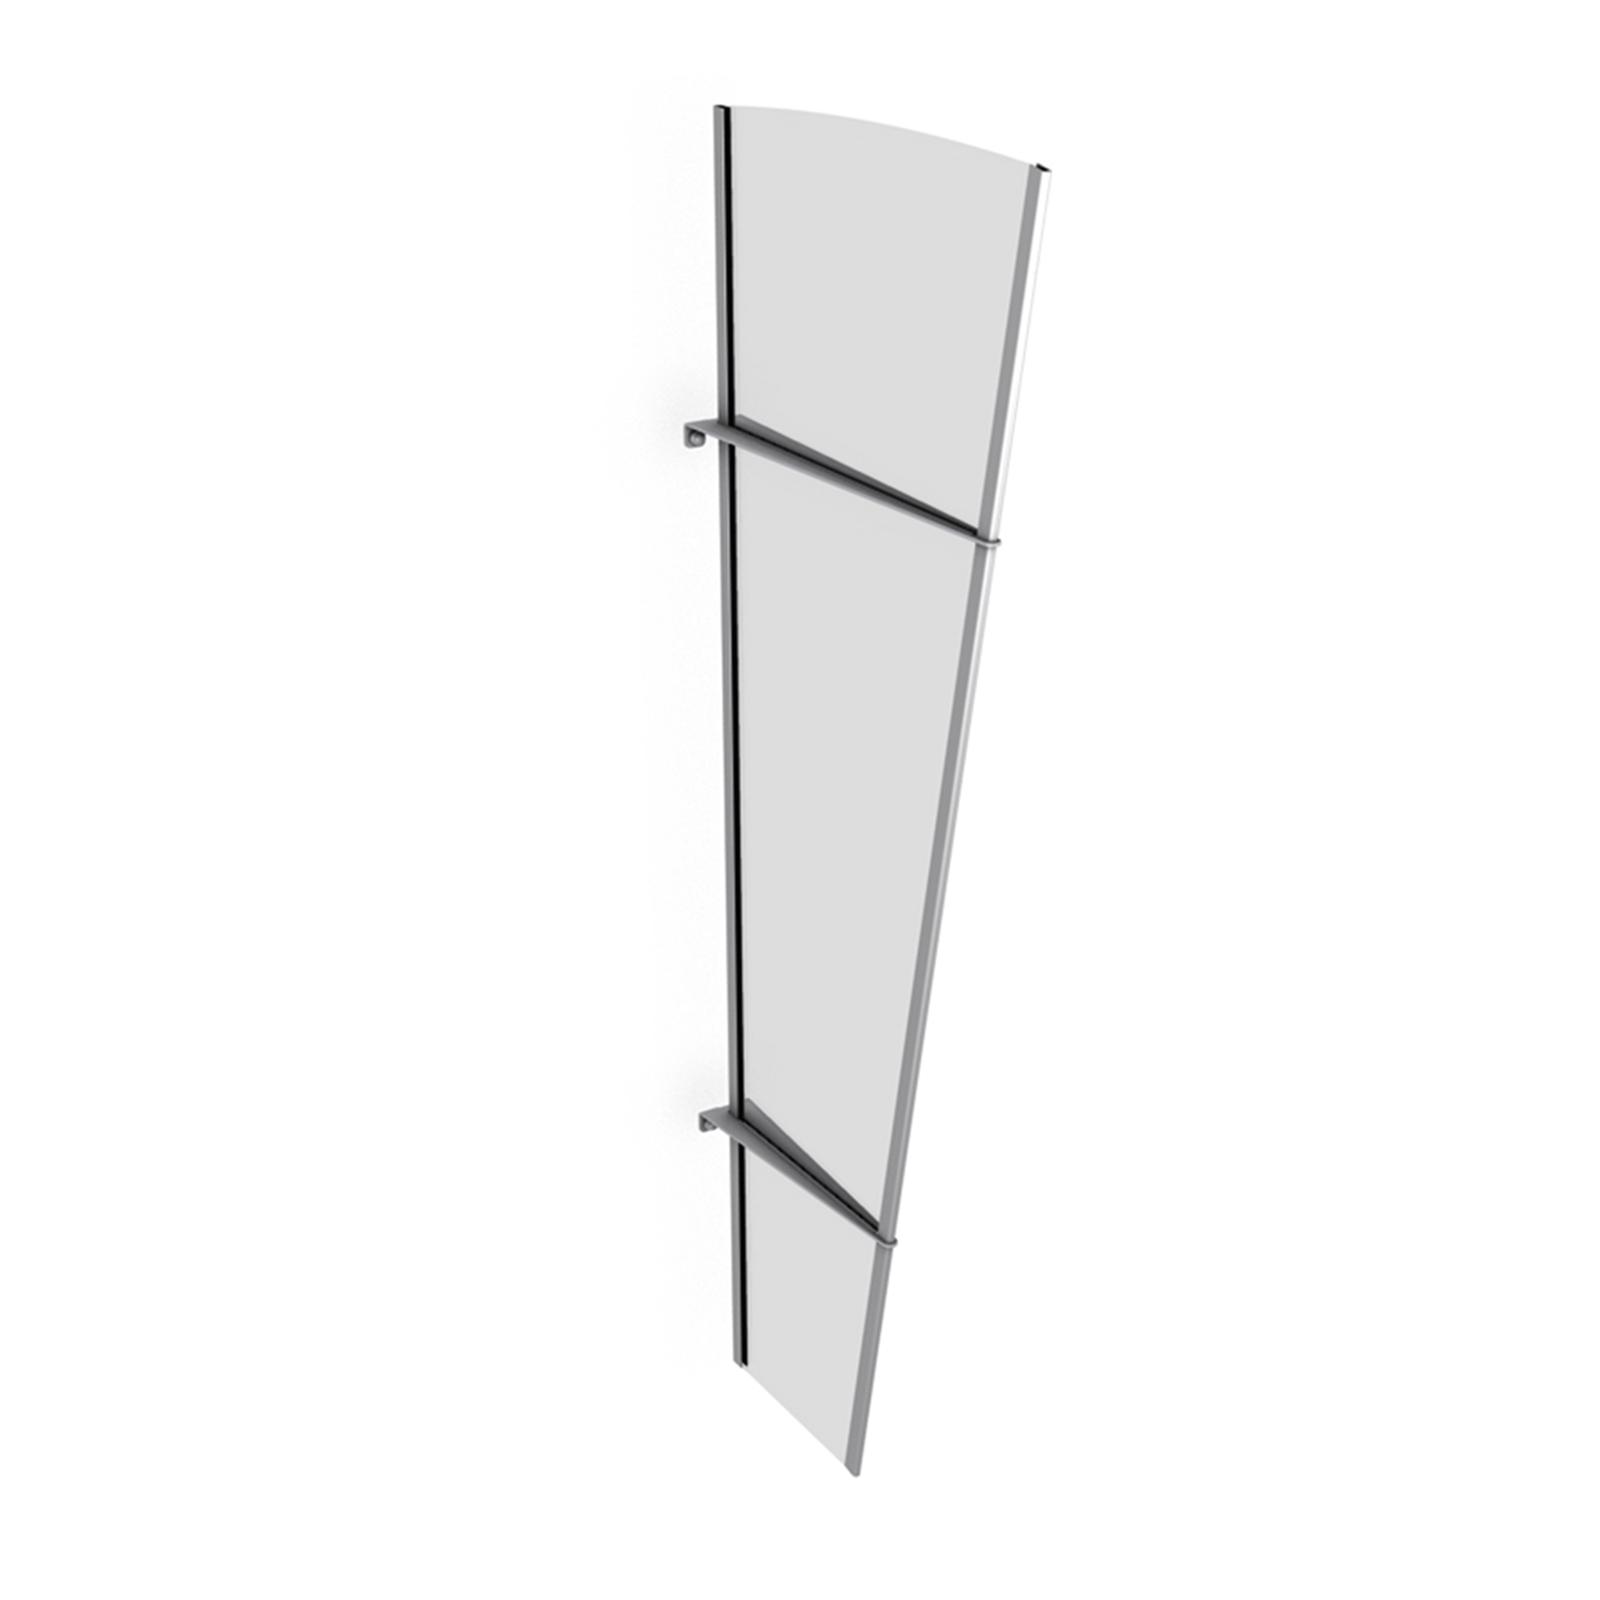 Seitenteile und mehr für Ihr Vordach